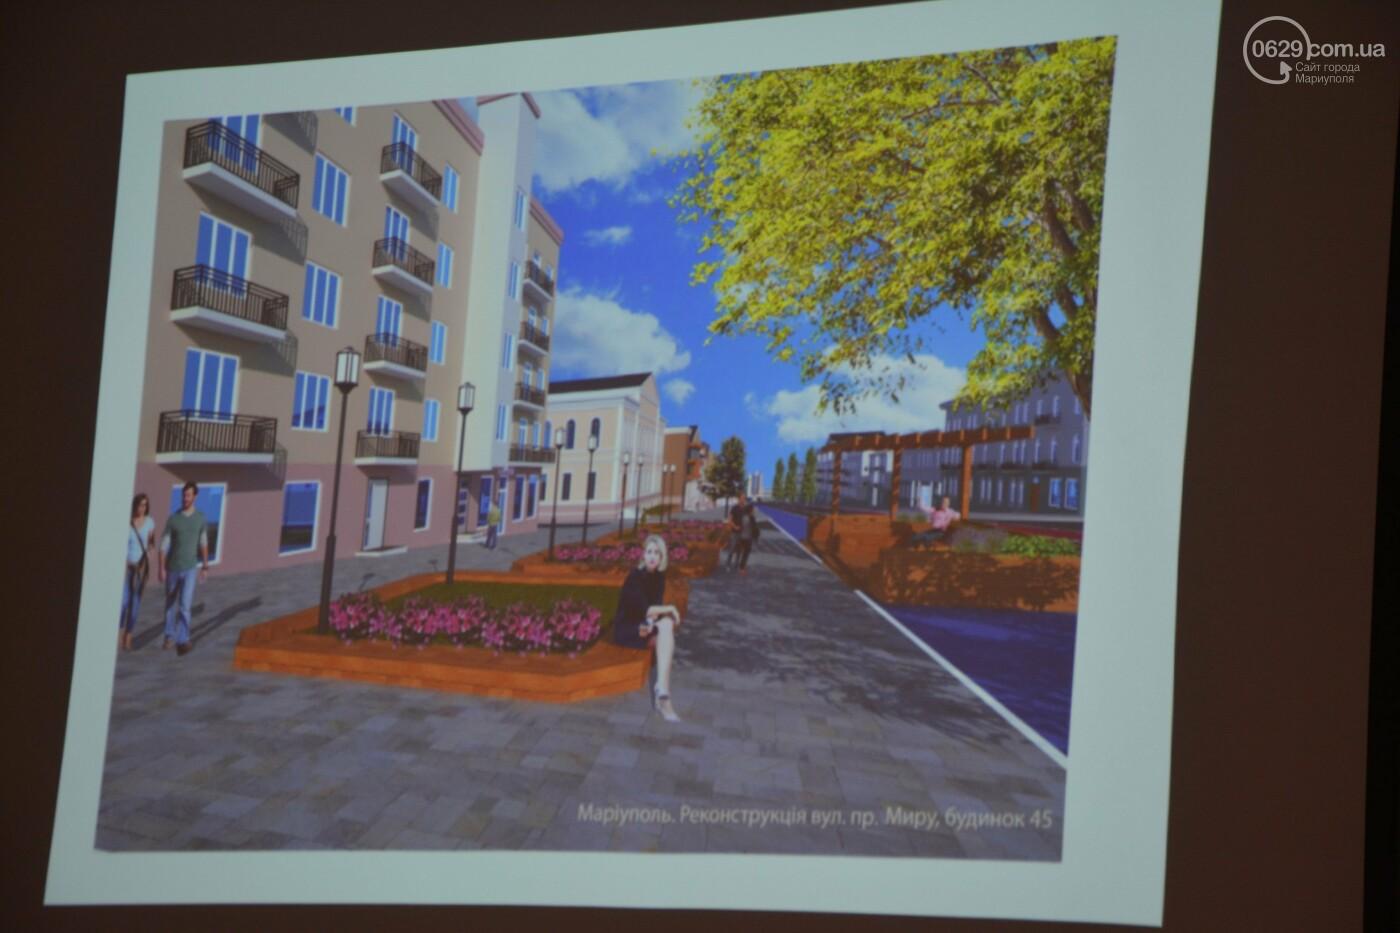 В Мариуполе решали, каким будет центр города и Казацкий сквер, - ФОТО, фото-2